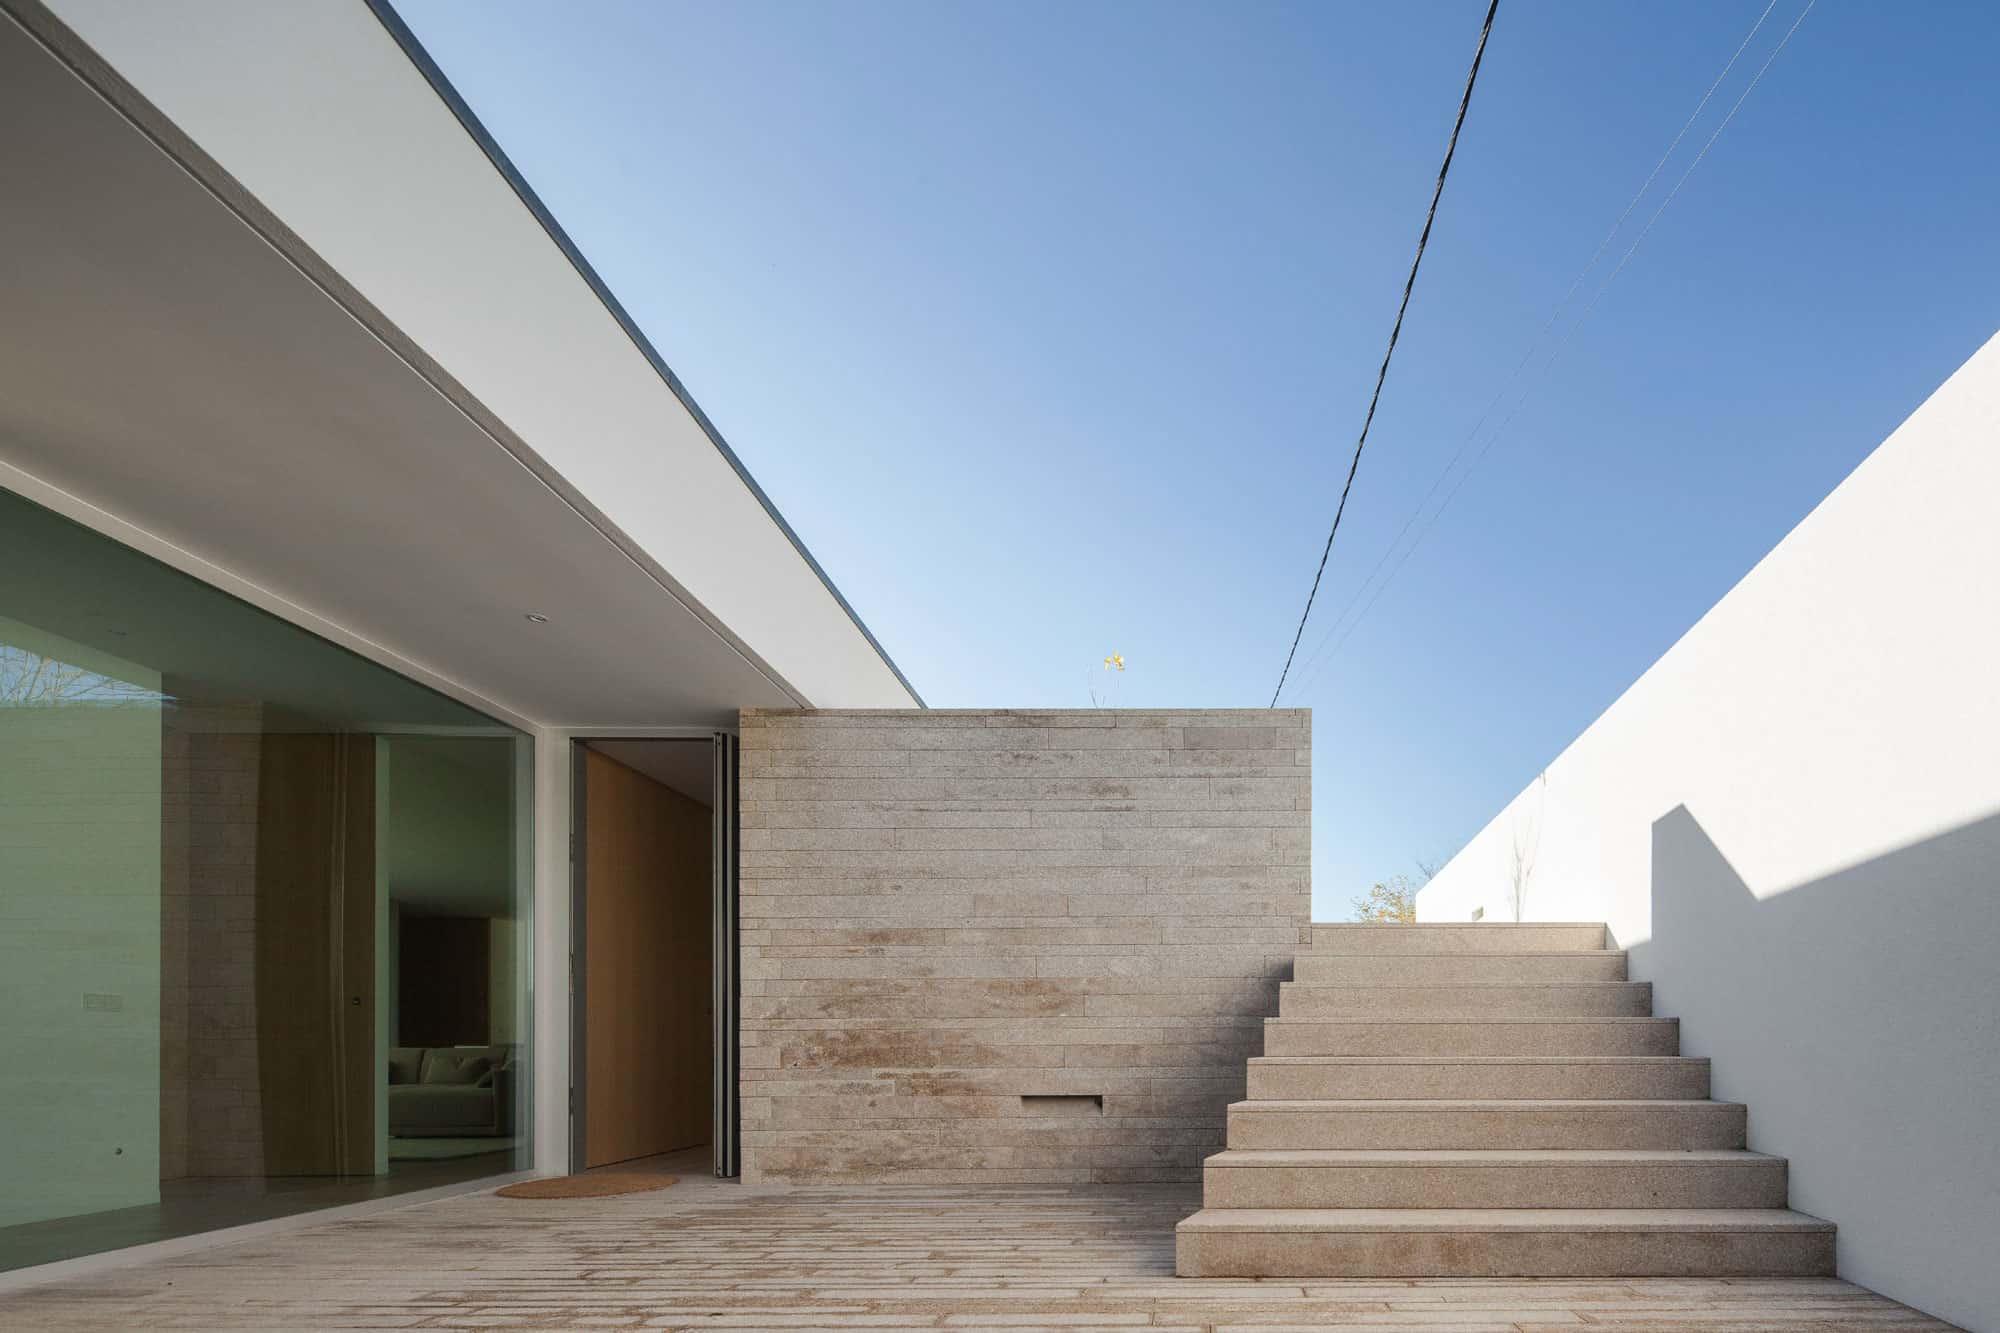 Milhundos House by Graciana Oliveira (1)